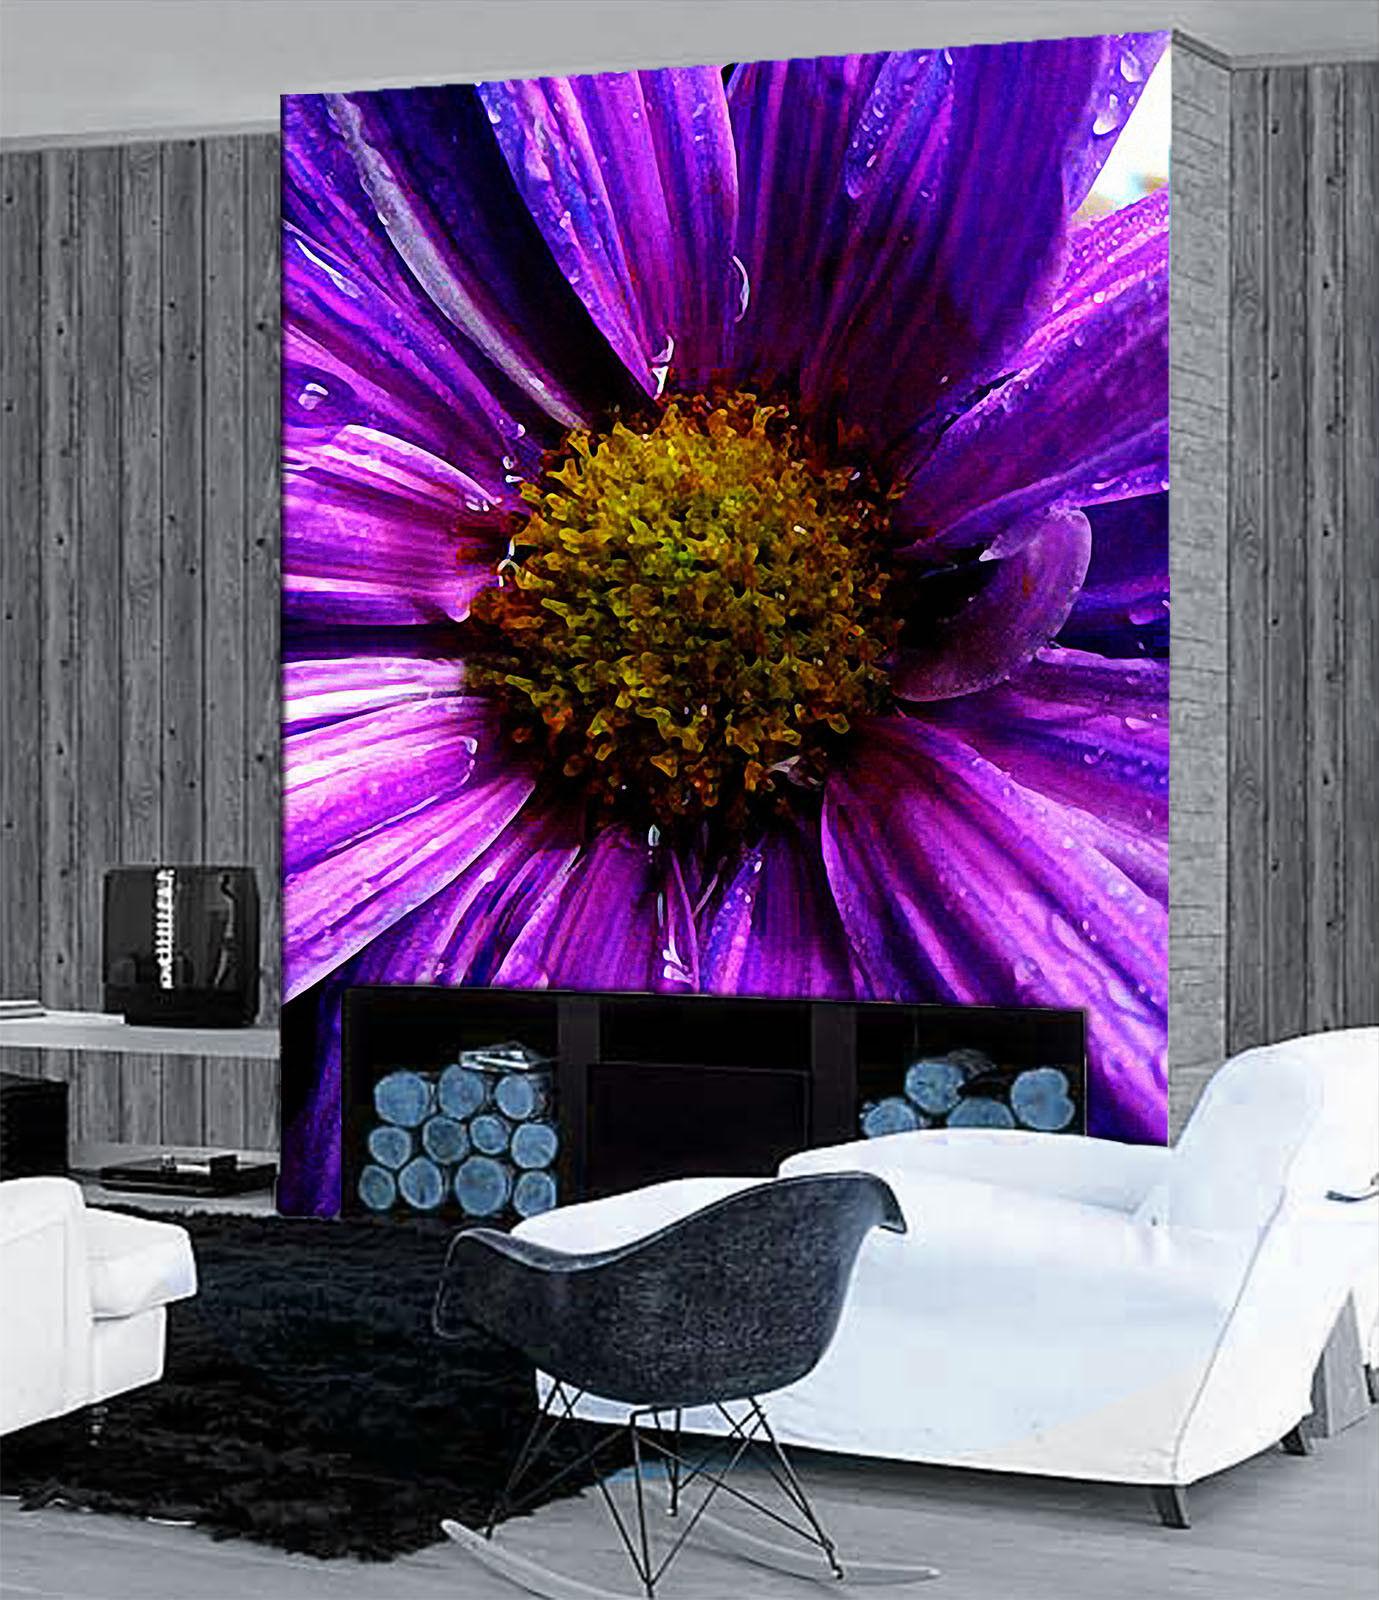 3D Lila Blütenblätter 7 Tapete Wandgemälde Tapete Tapeten Bild Familie DE Summer  | Good Design  | Charakteristisch  | Die Farbe ist sehr auffällig